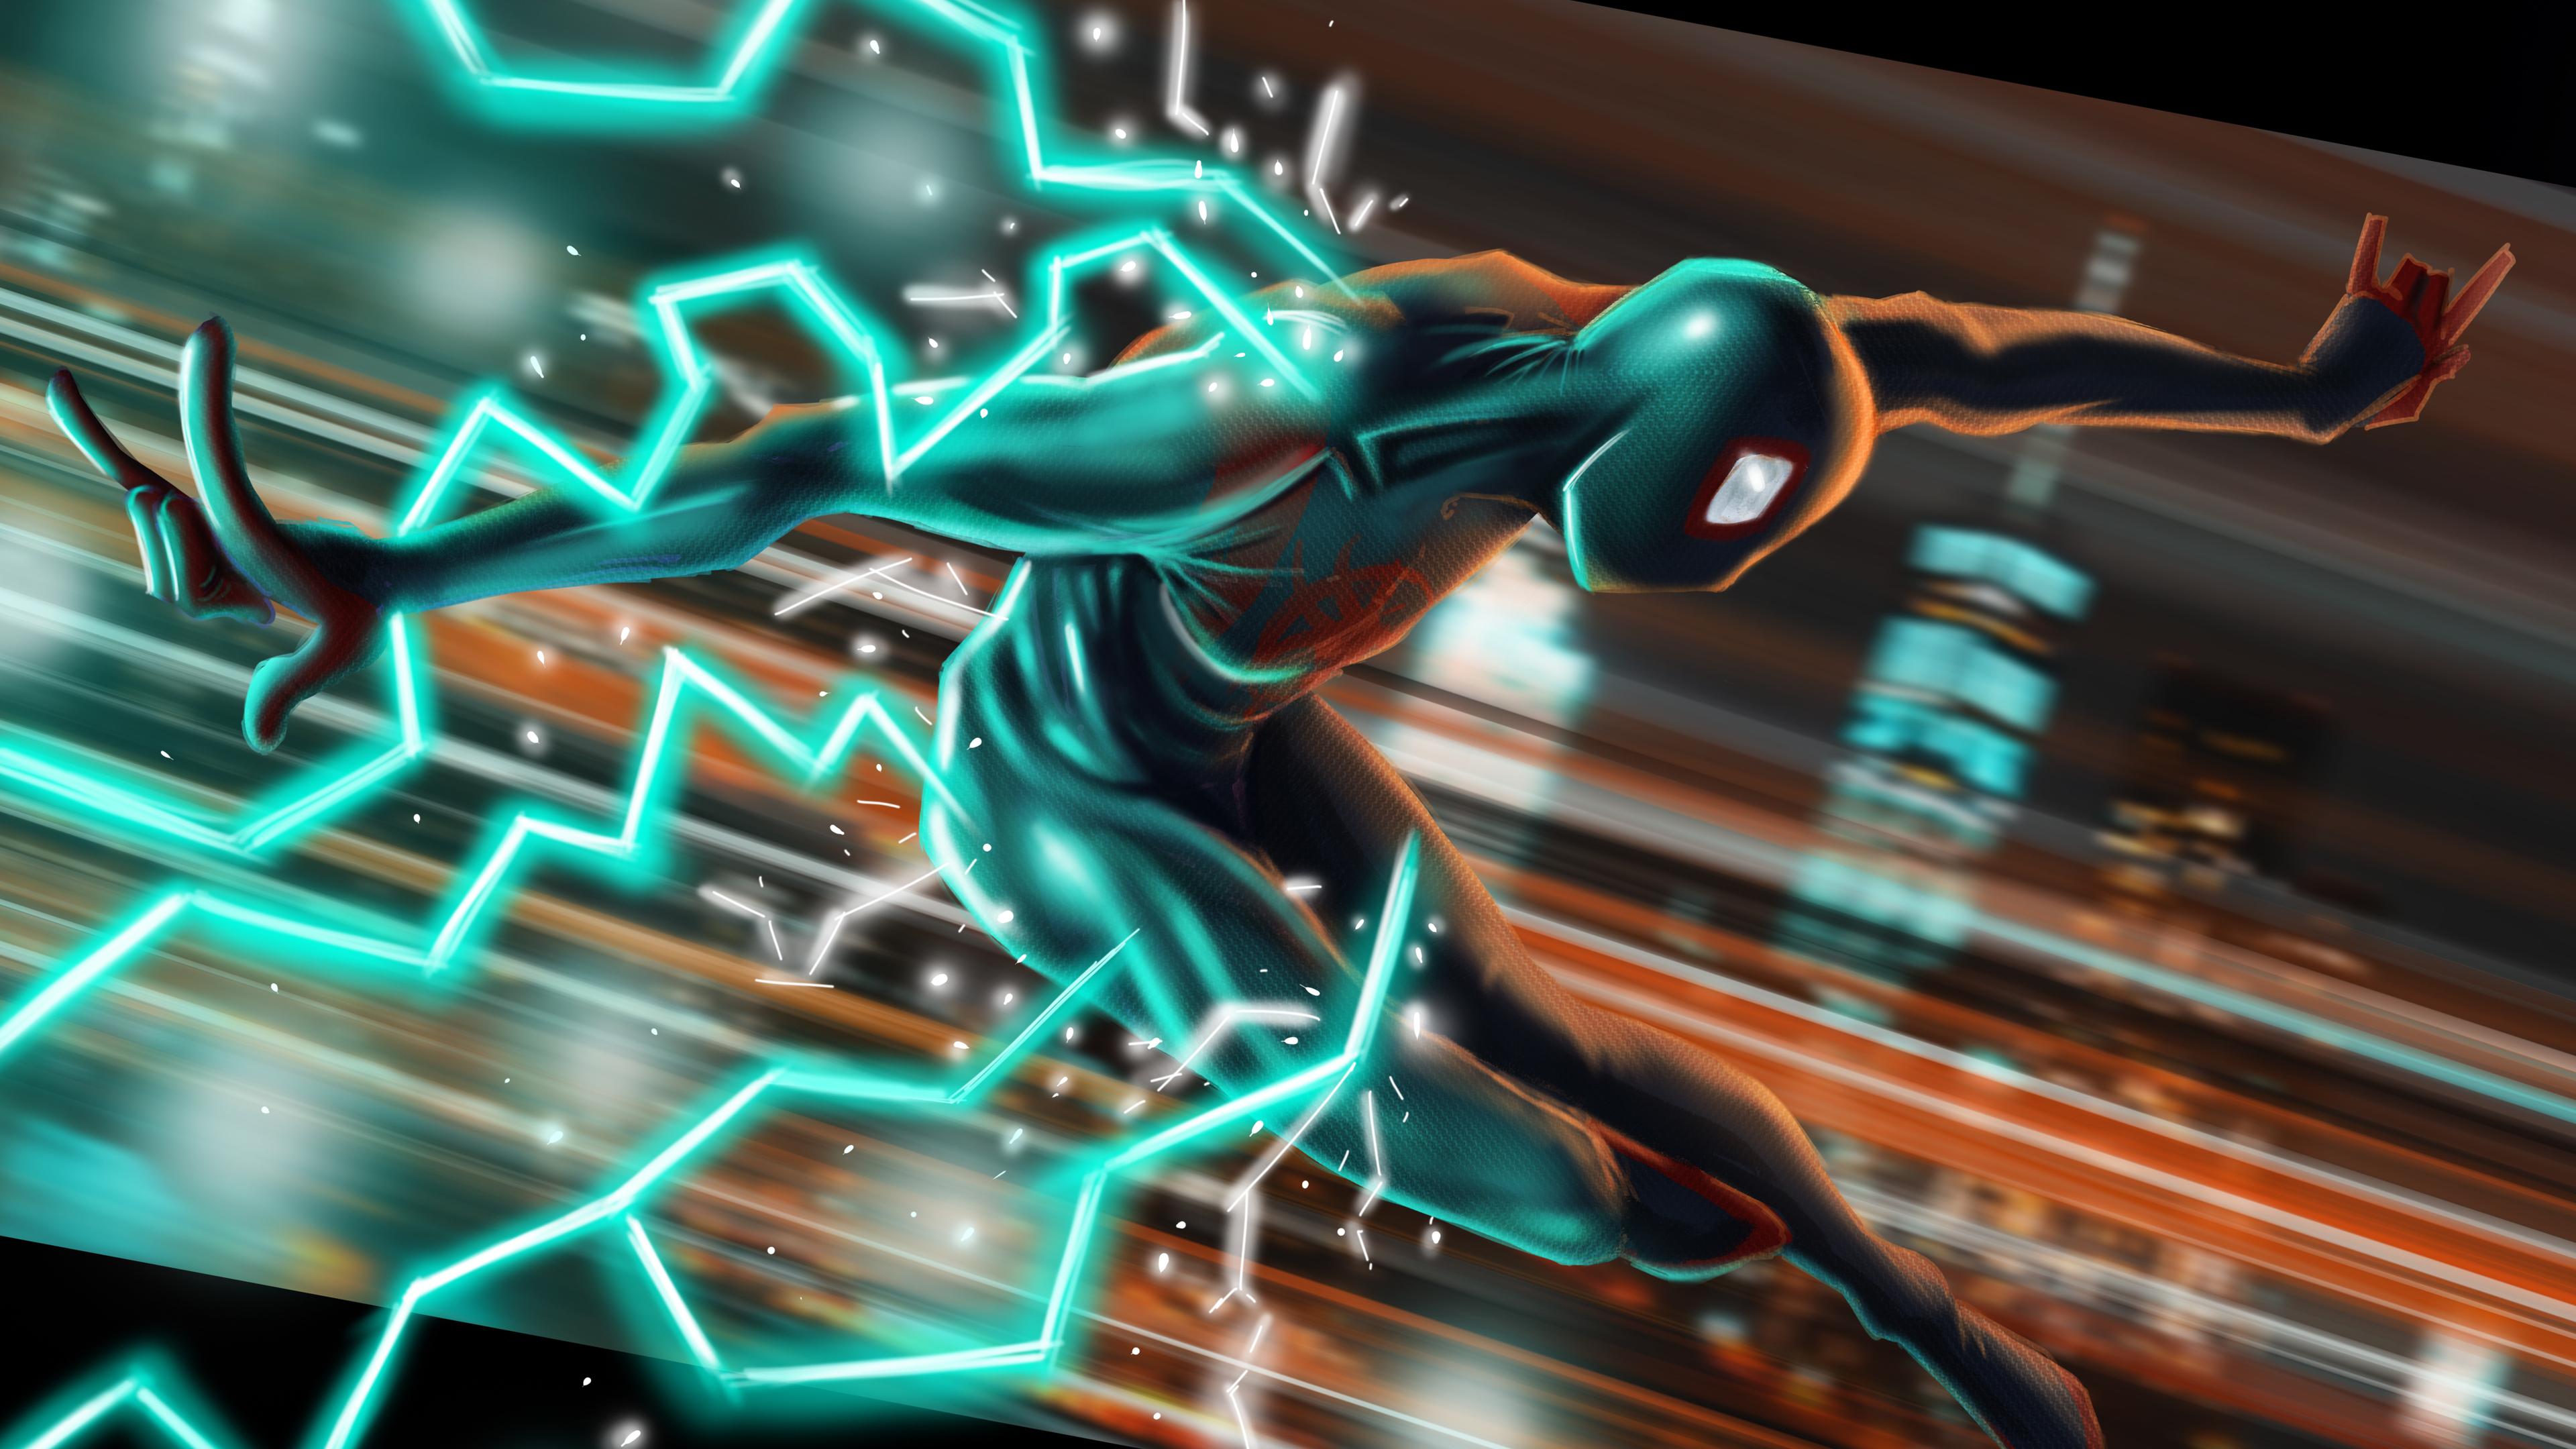 4k artwork miles morales 1560533467 - 4k Artwork Miles Morales - superheroes wallpapers, spiderman wallpapers, spiderman into the spider verse wallpapers, hd-wallpapers, digital art wallpapers, artwork wallpapers, artist wallpapers, 4k-wallpapers